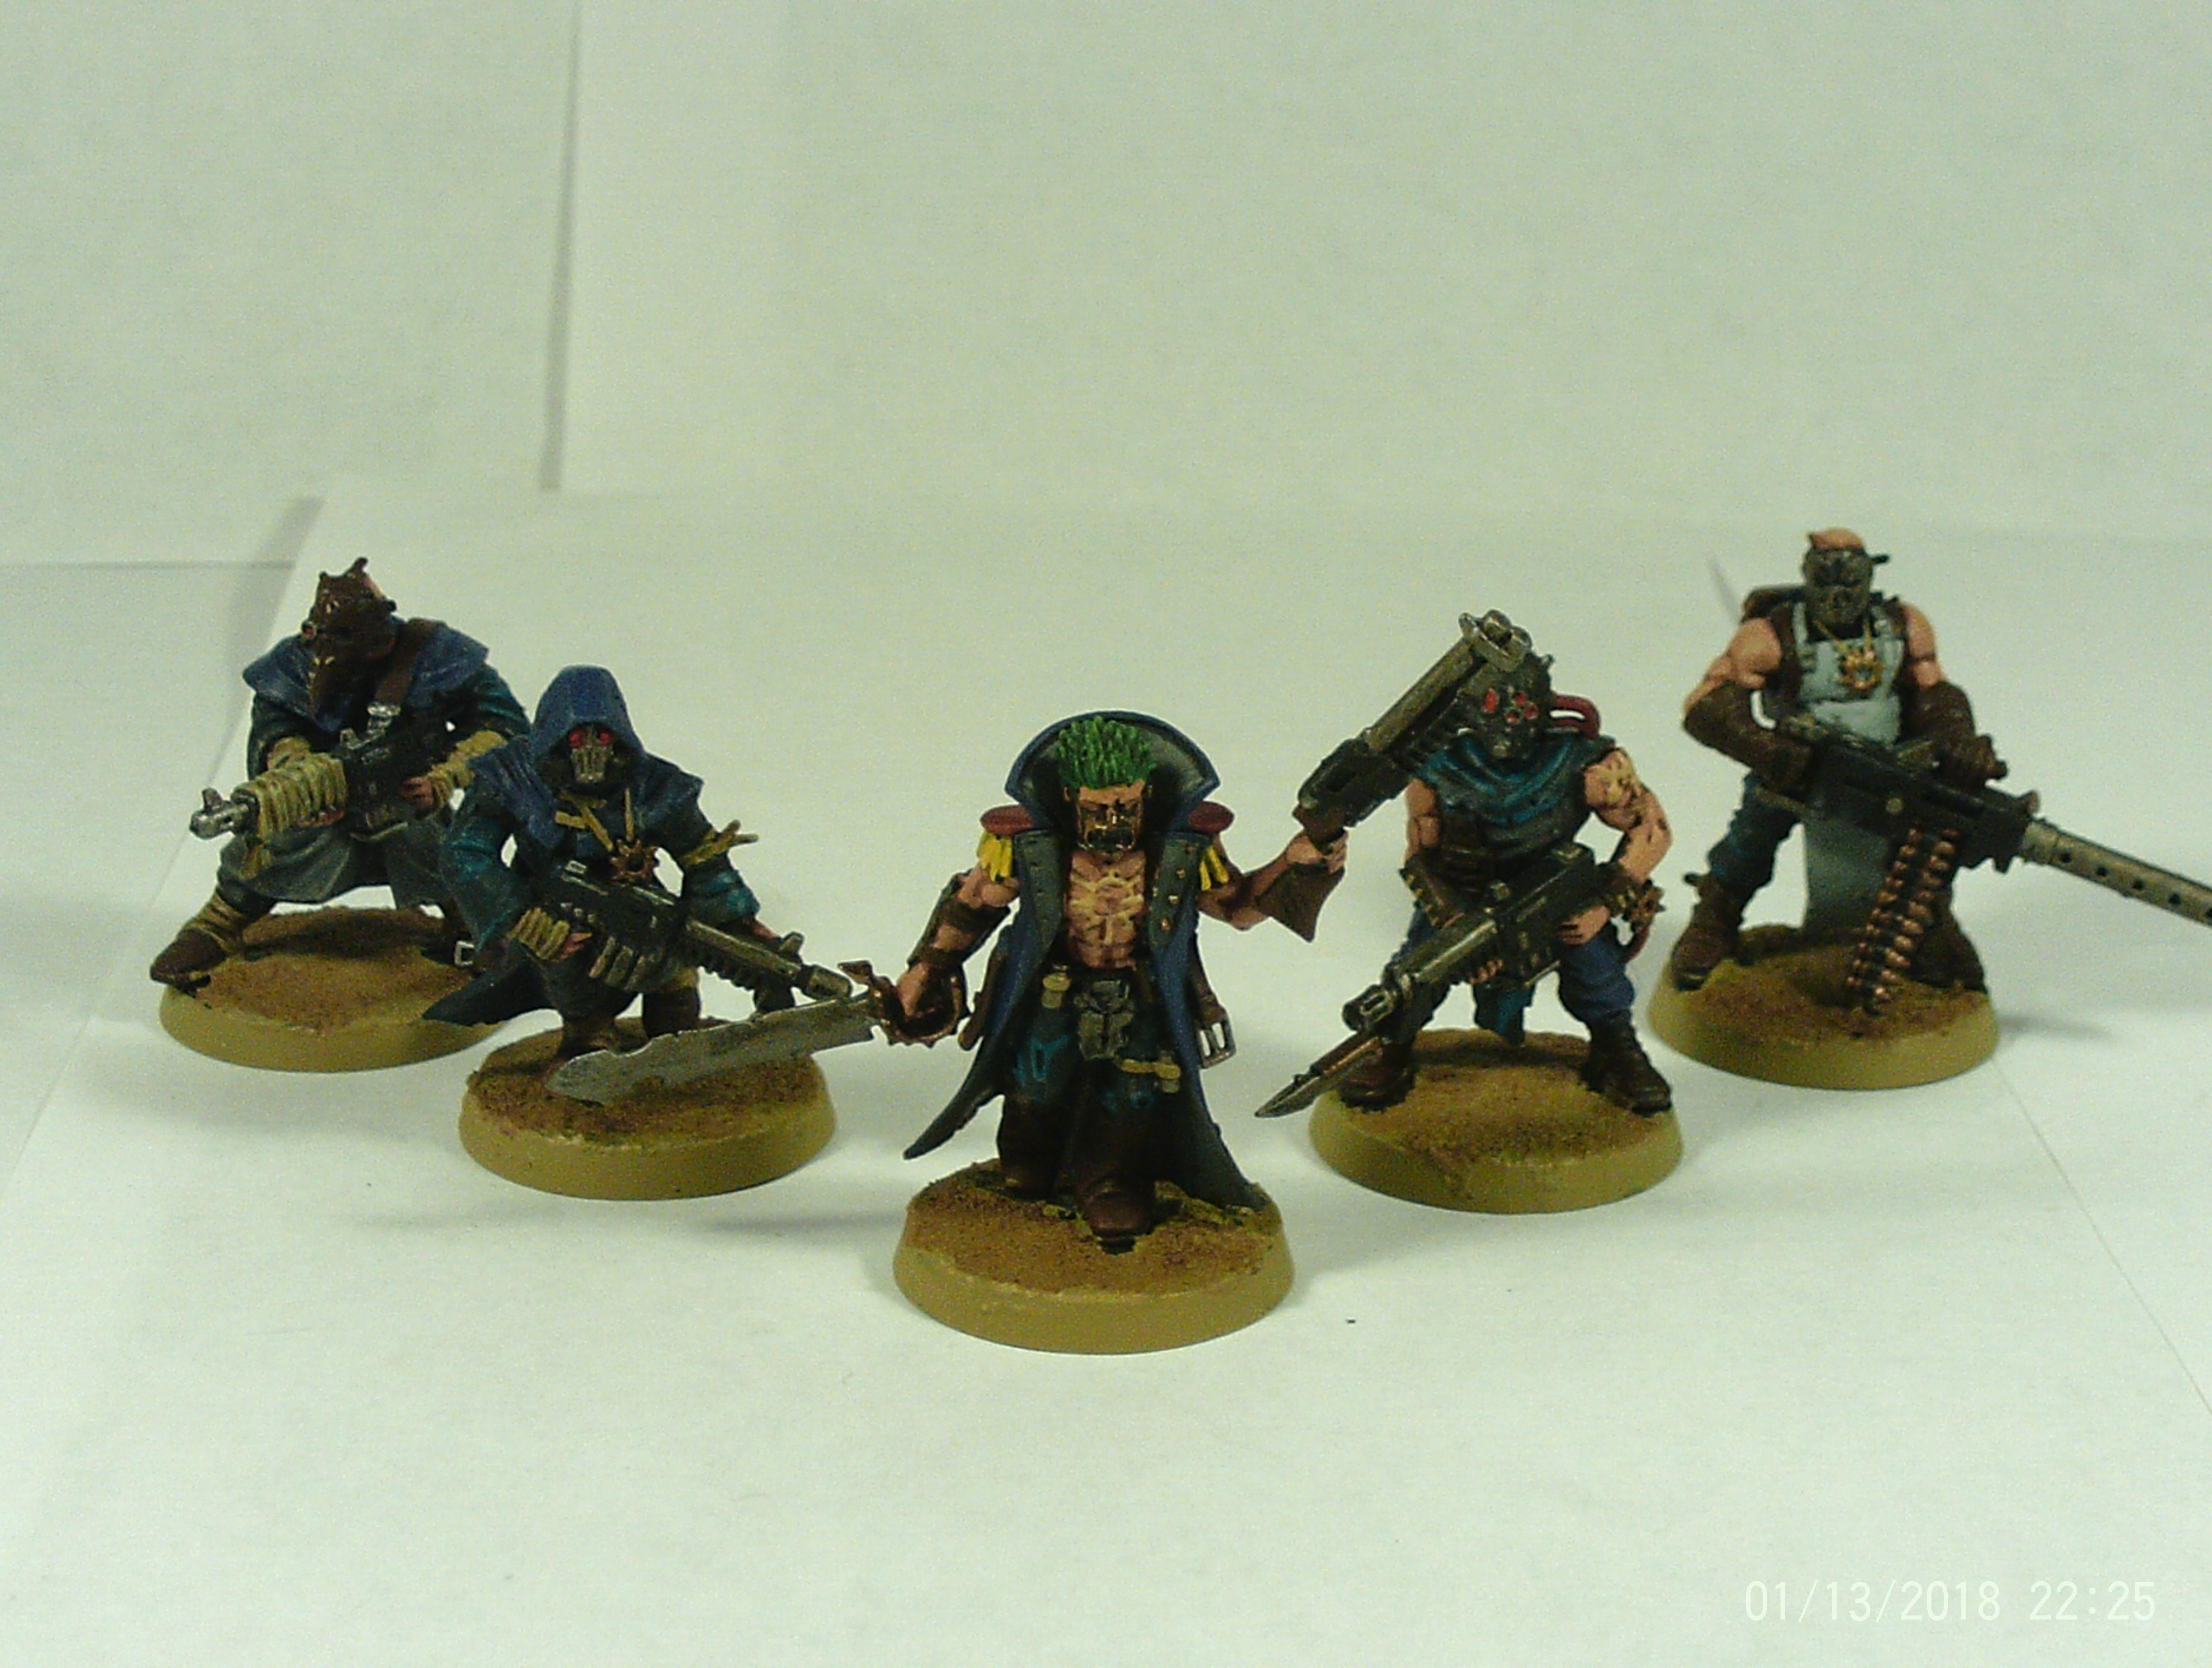 Alpha, Autogun, Chaos, Cultists, Fanatics, Human, Legion, Mob